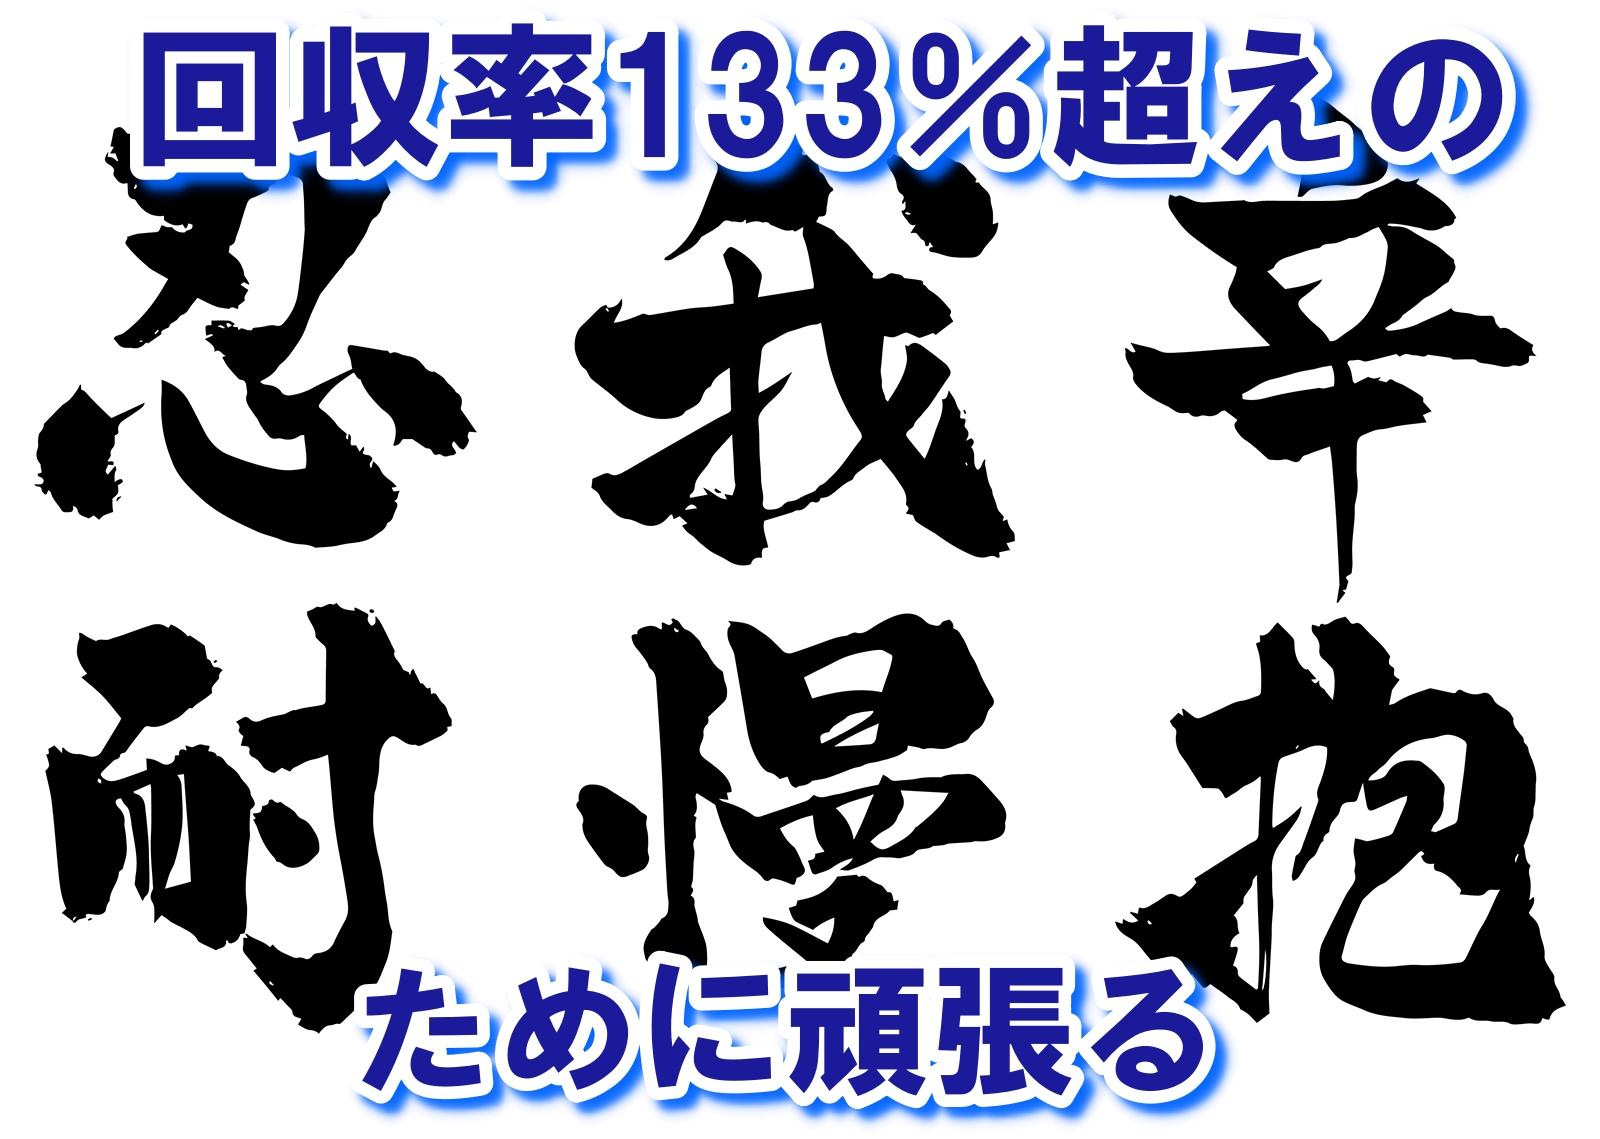 回収率133%